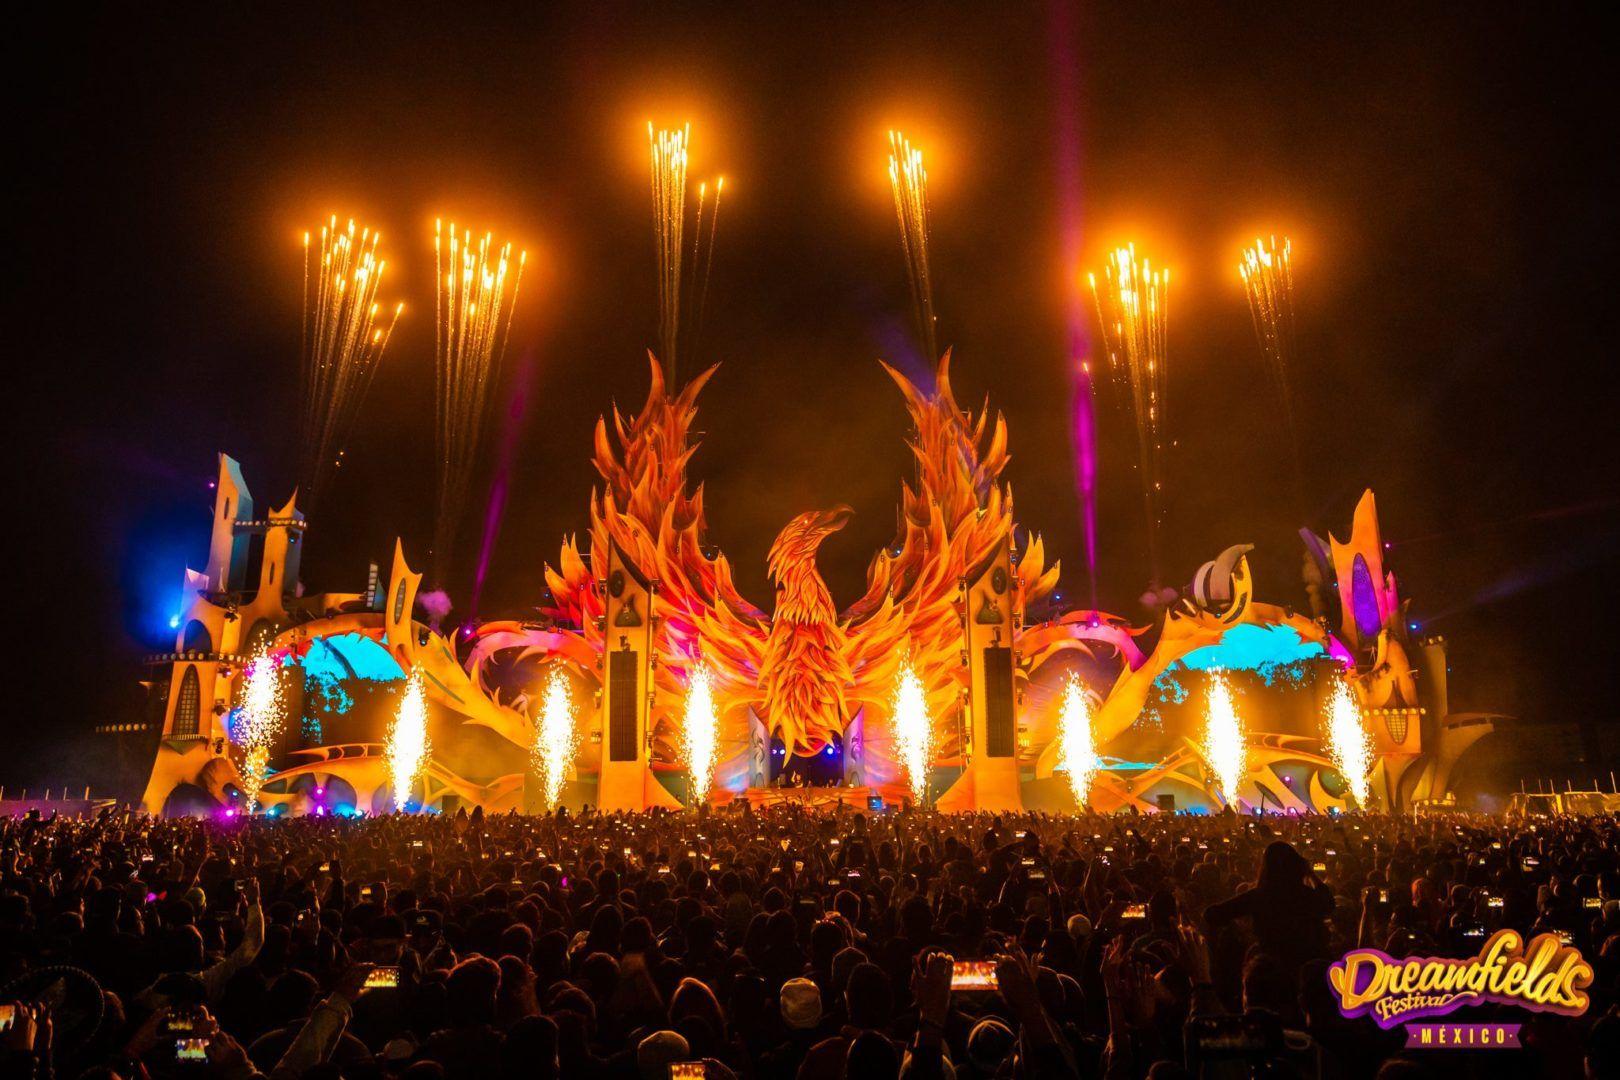 Festivales de música electrónica en México - Dreamfields Festival